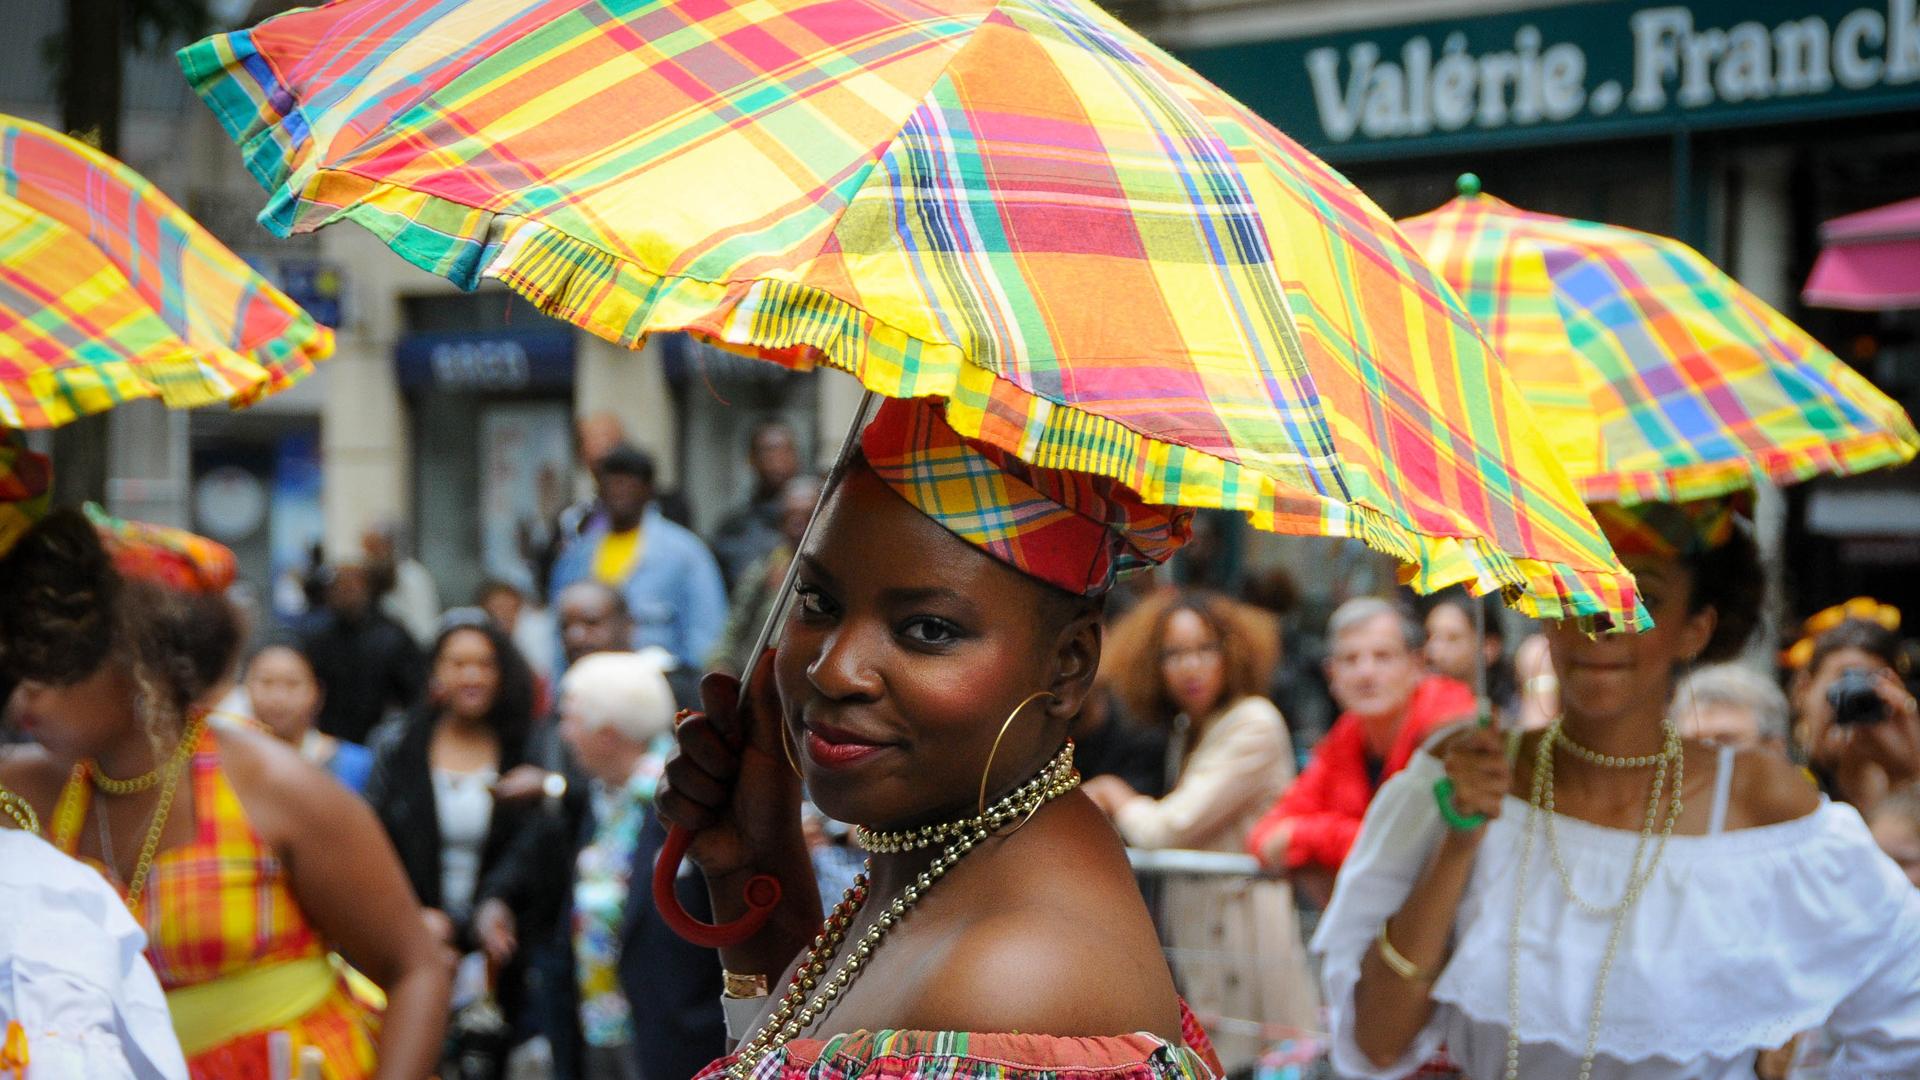 Trace tropical partenaire du carnaval tropical de paris 2017 le 2 juillet sur les champs - Carnaval tropical de paris 2017 ...